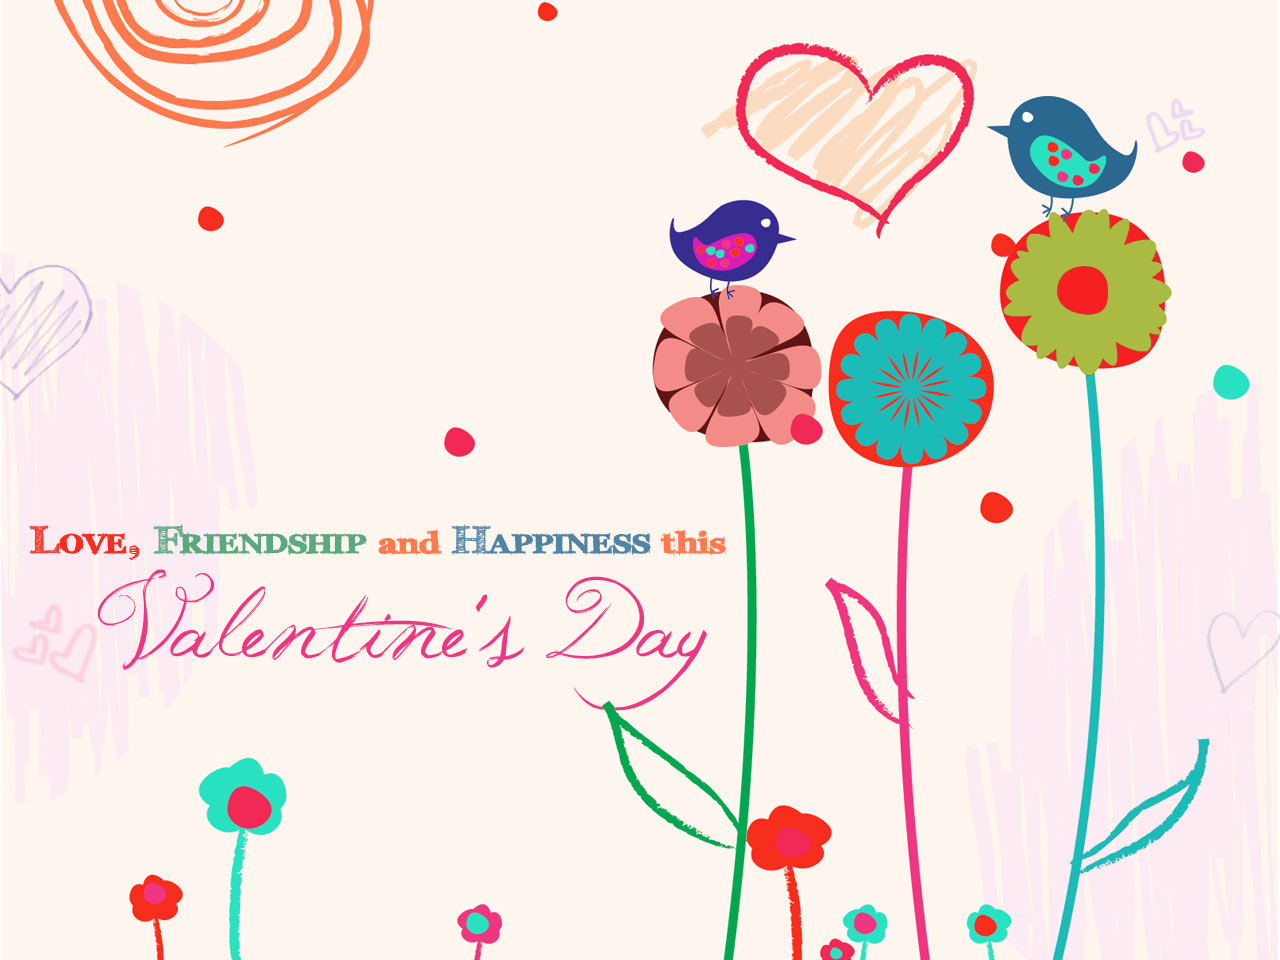 Valentines Wallpaper For Desktop - WallpaperSafari